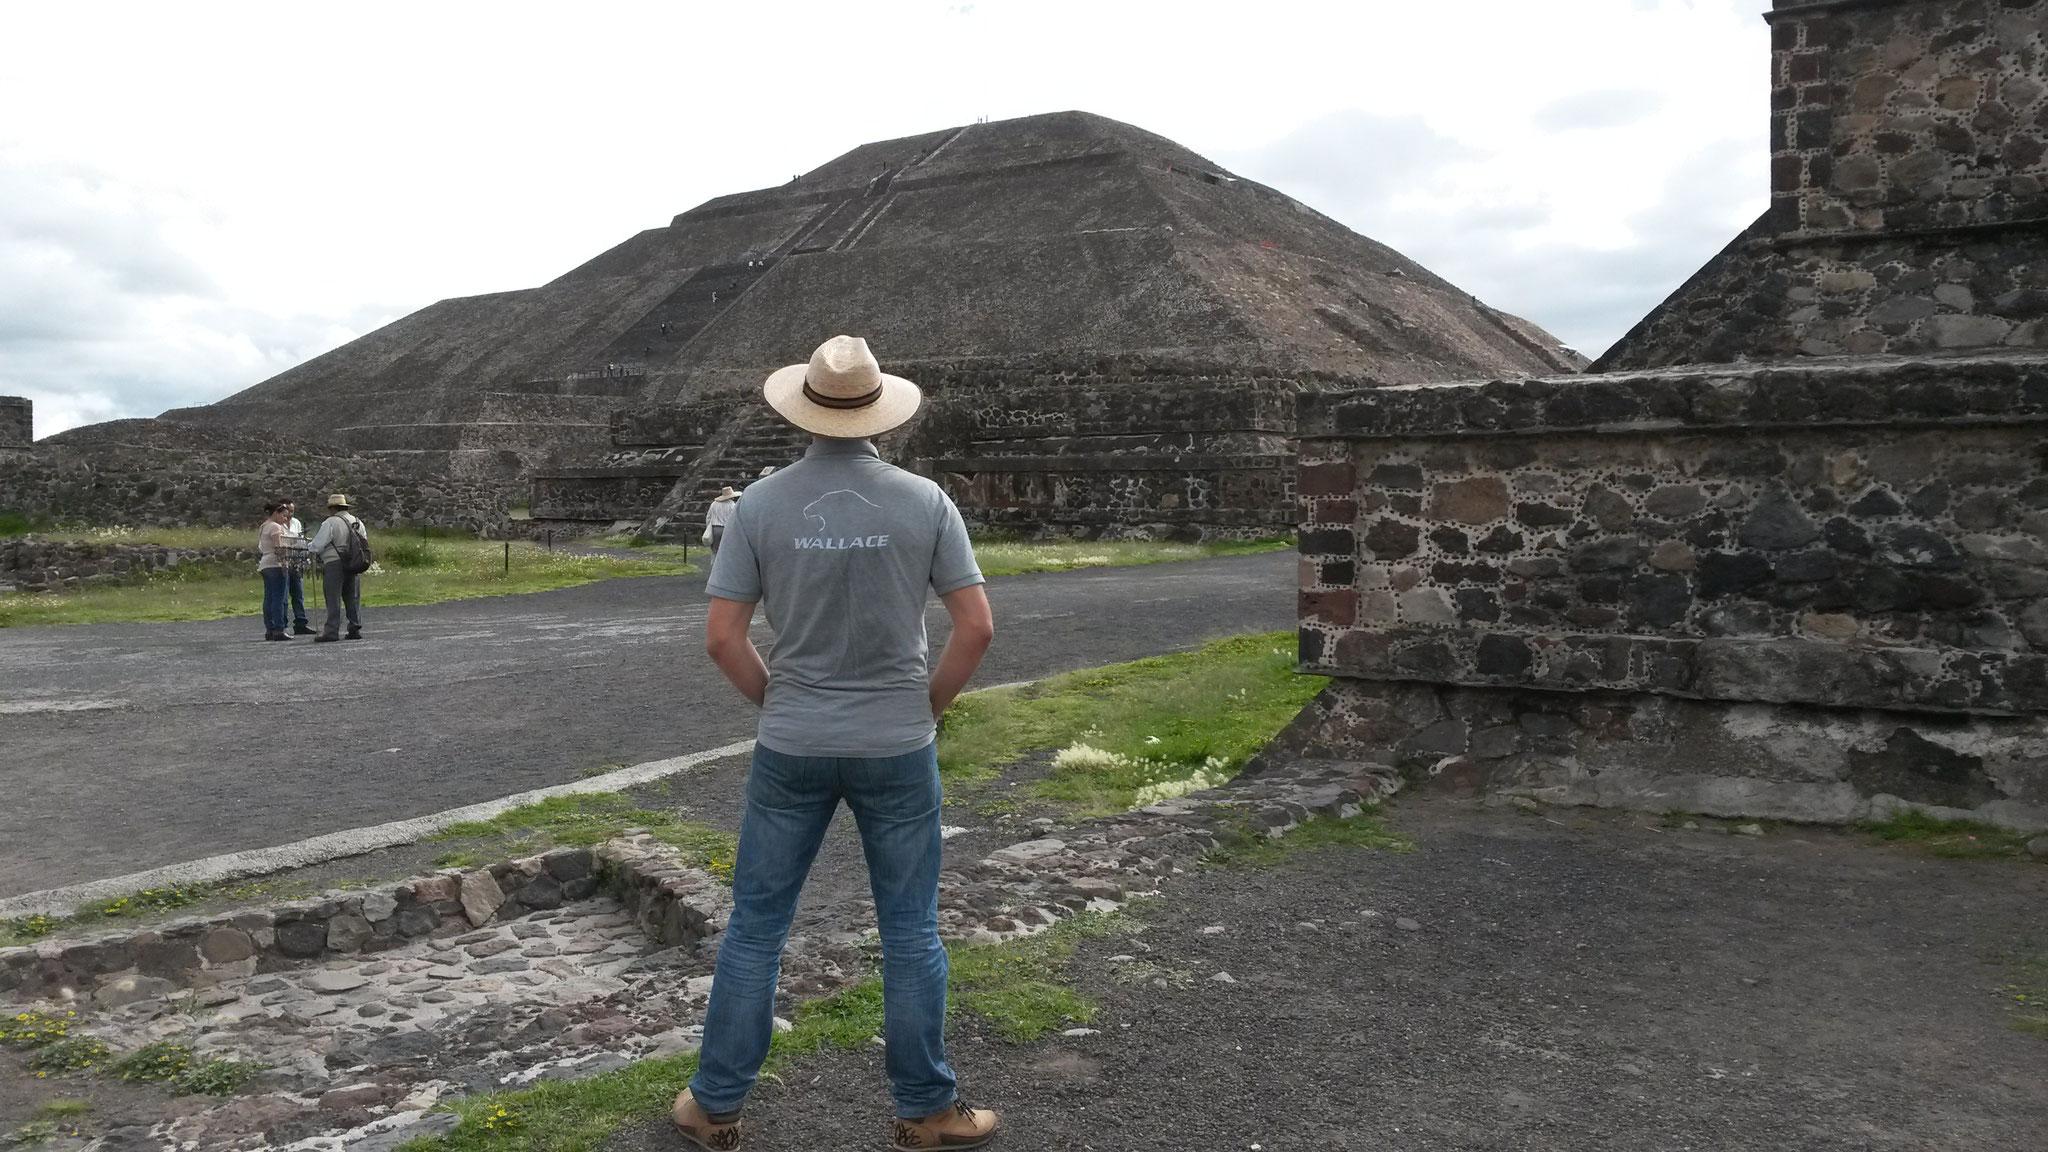 Livraison d'un SOFD à Irapuato (MEX), visite de Téotihuacan, on imagine les cérémonies ...